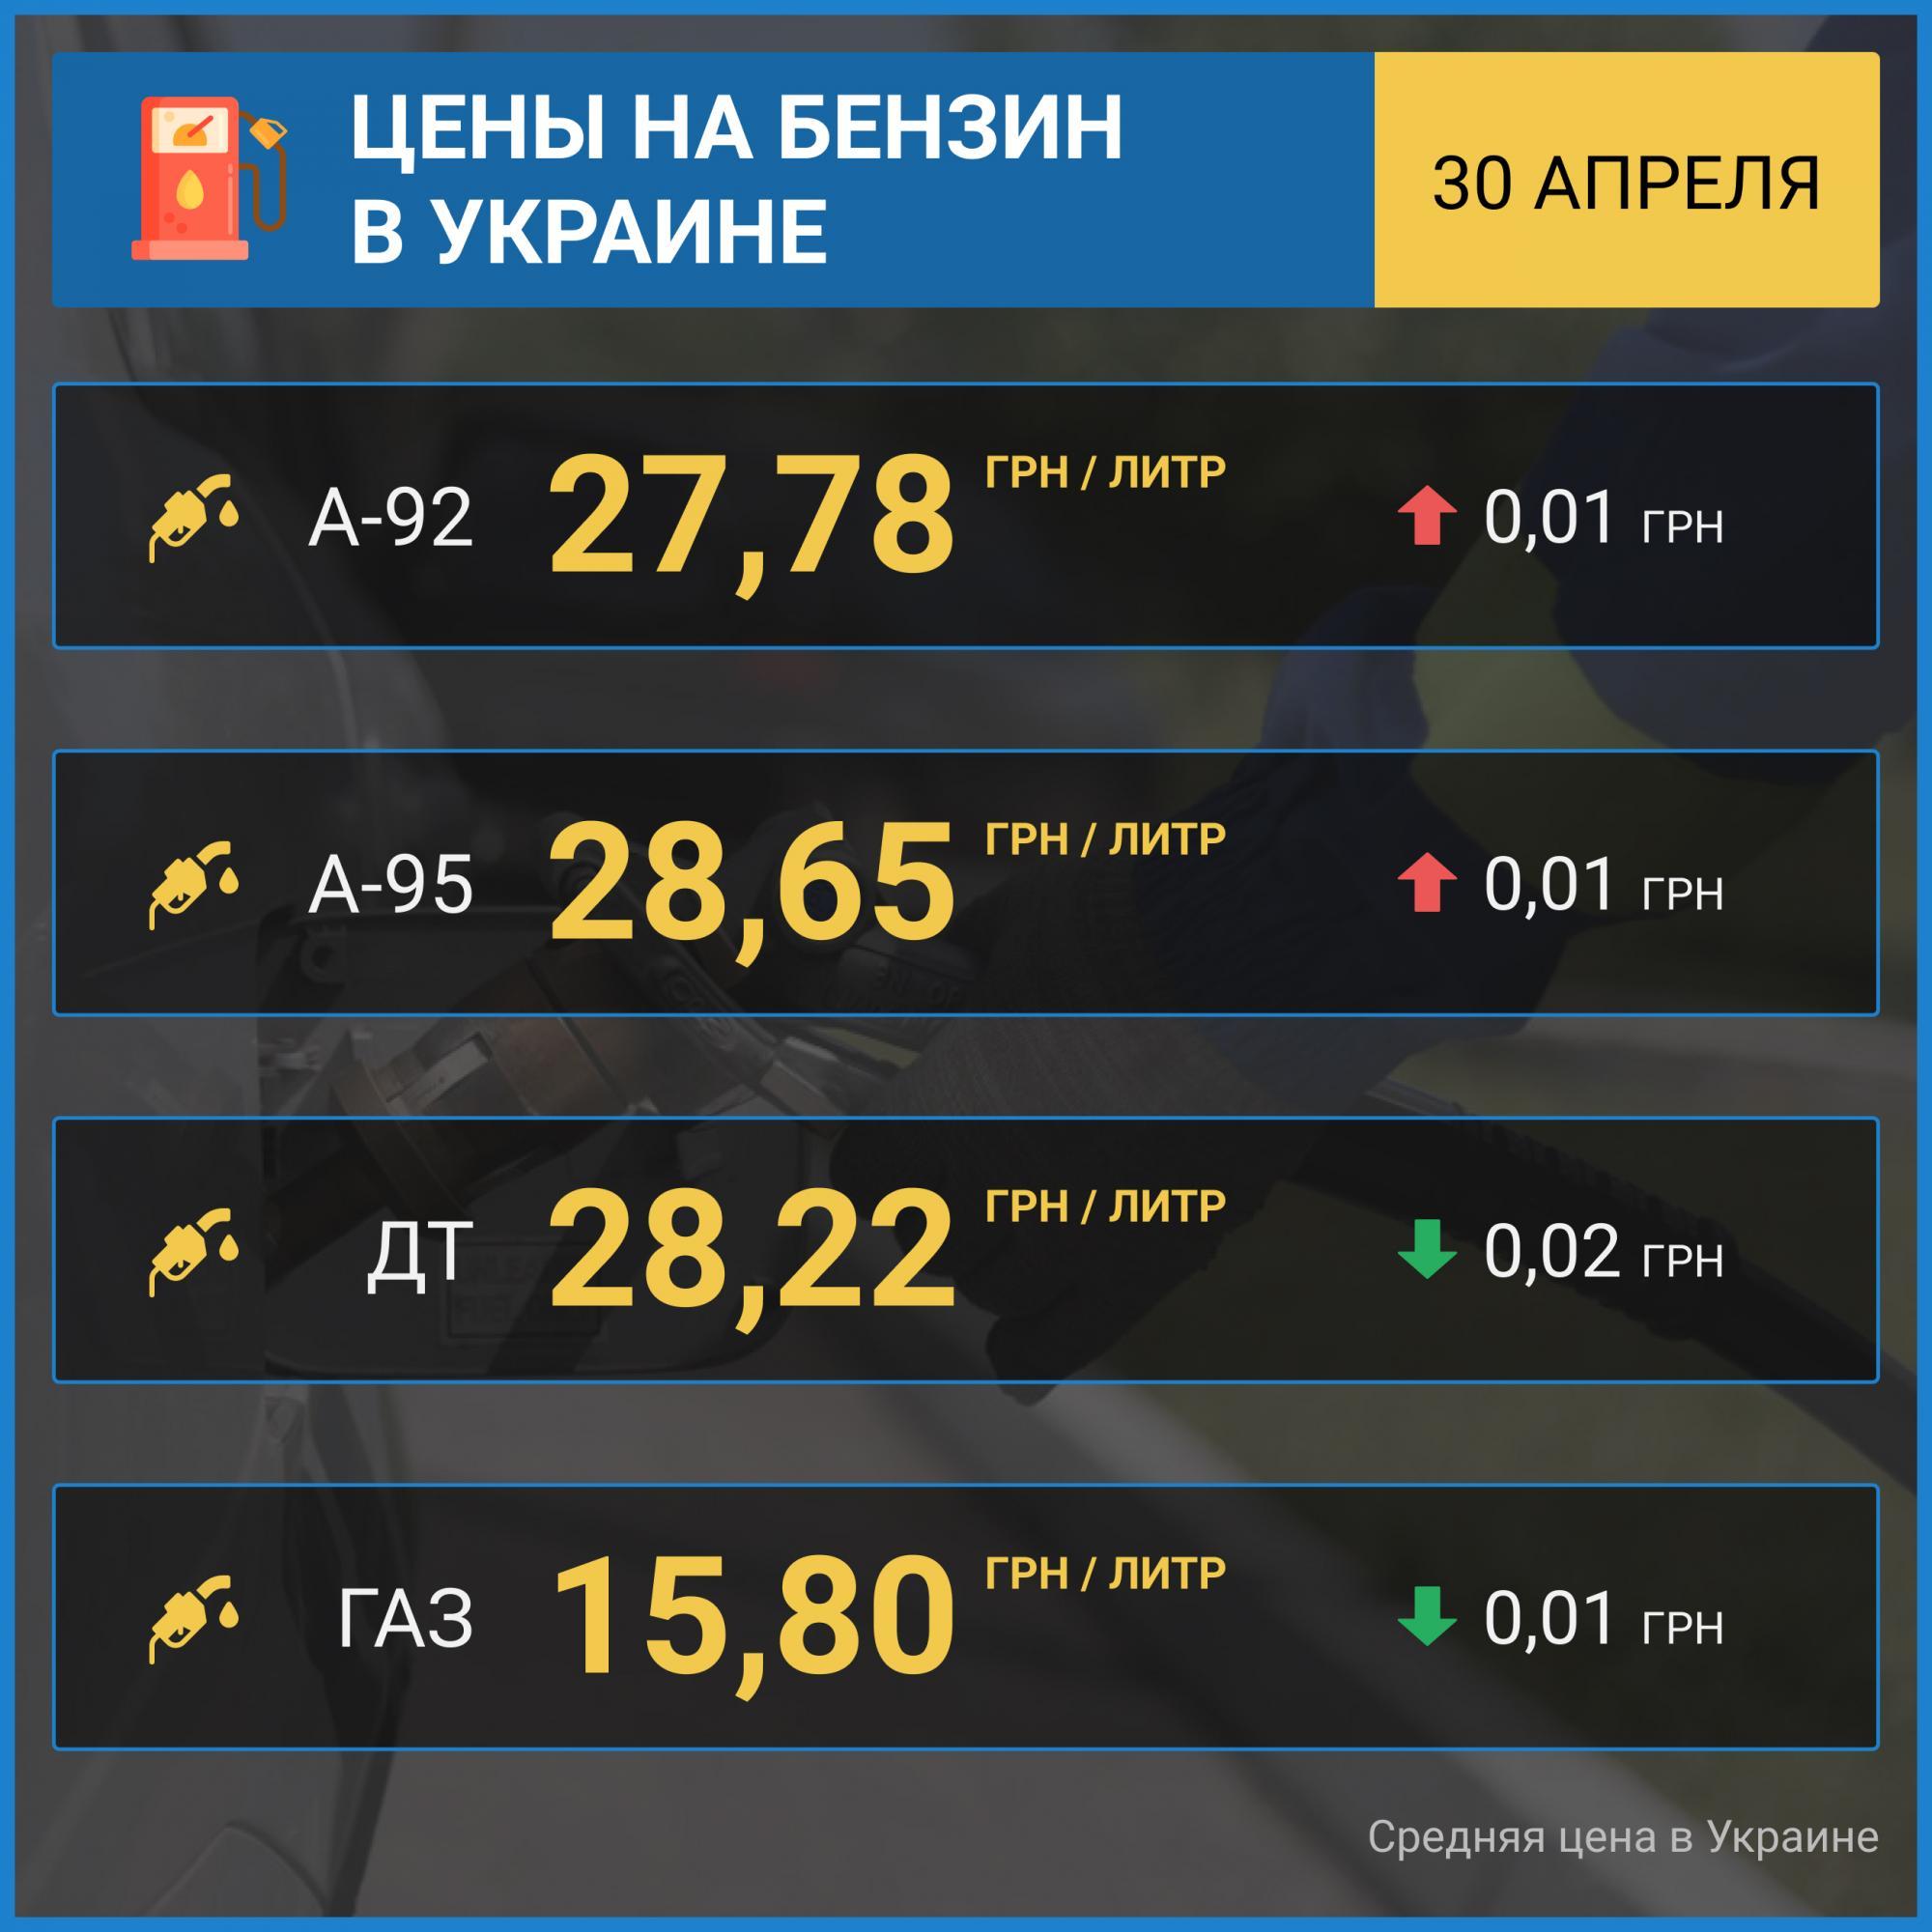 Бензин на АЗС дорожчає: скільки коштує паливо в Україні